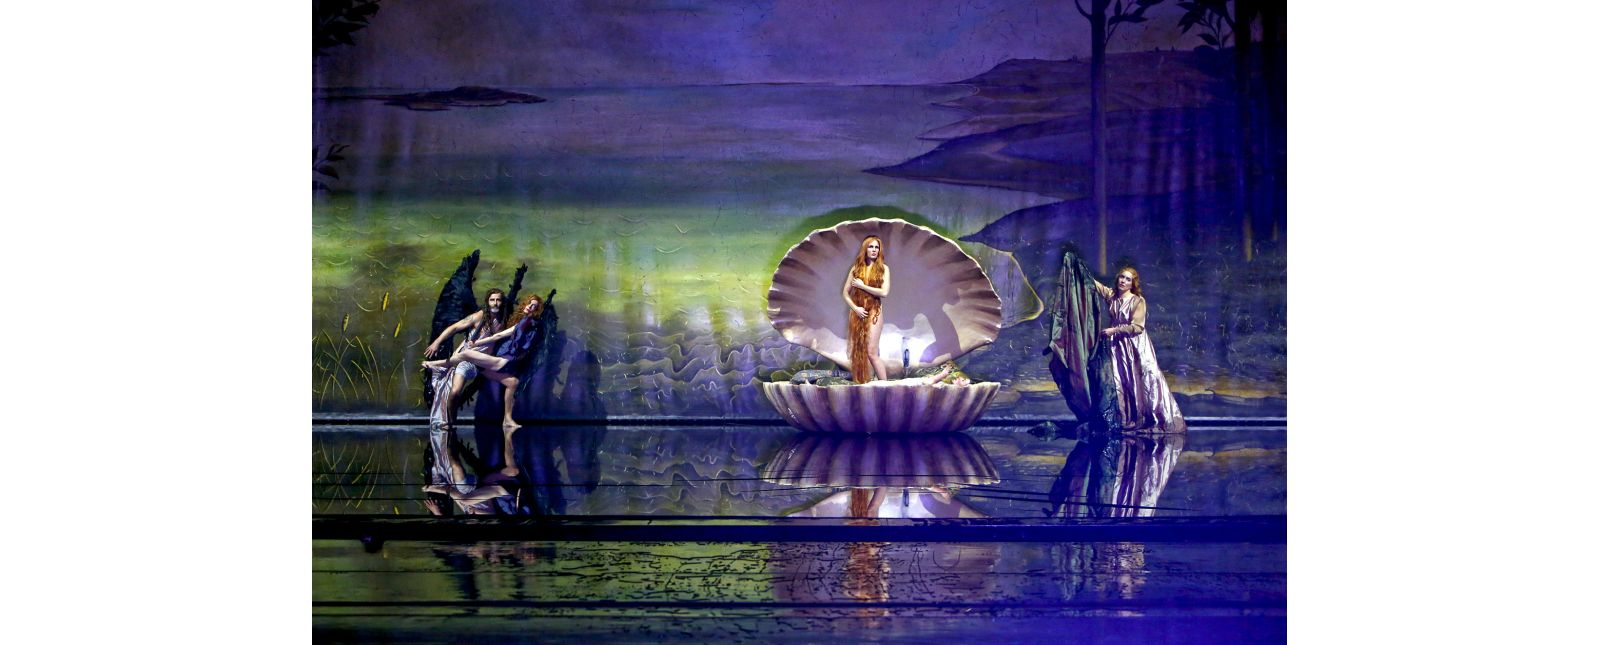 Ein Sommernachtstraum // Henry Meyer // Anja Schweitzer // Janna Horstmann // Laura Angelina Palacios // 2018 // Birgit Hupfeld